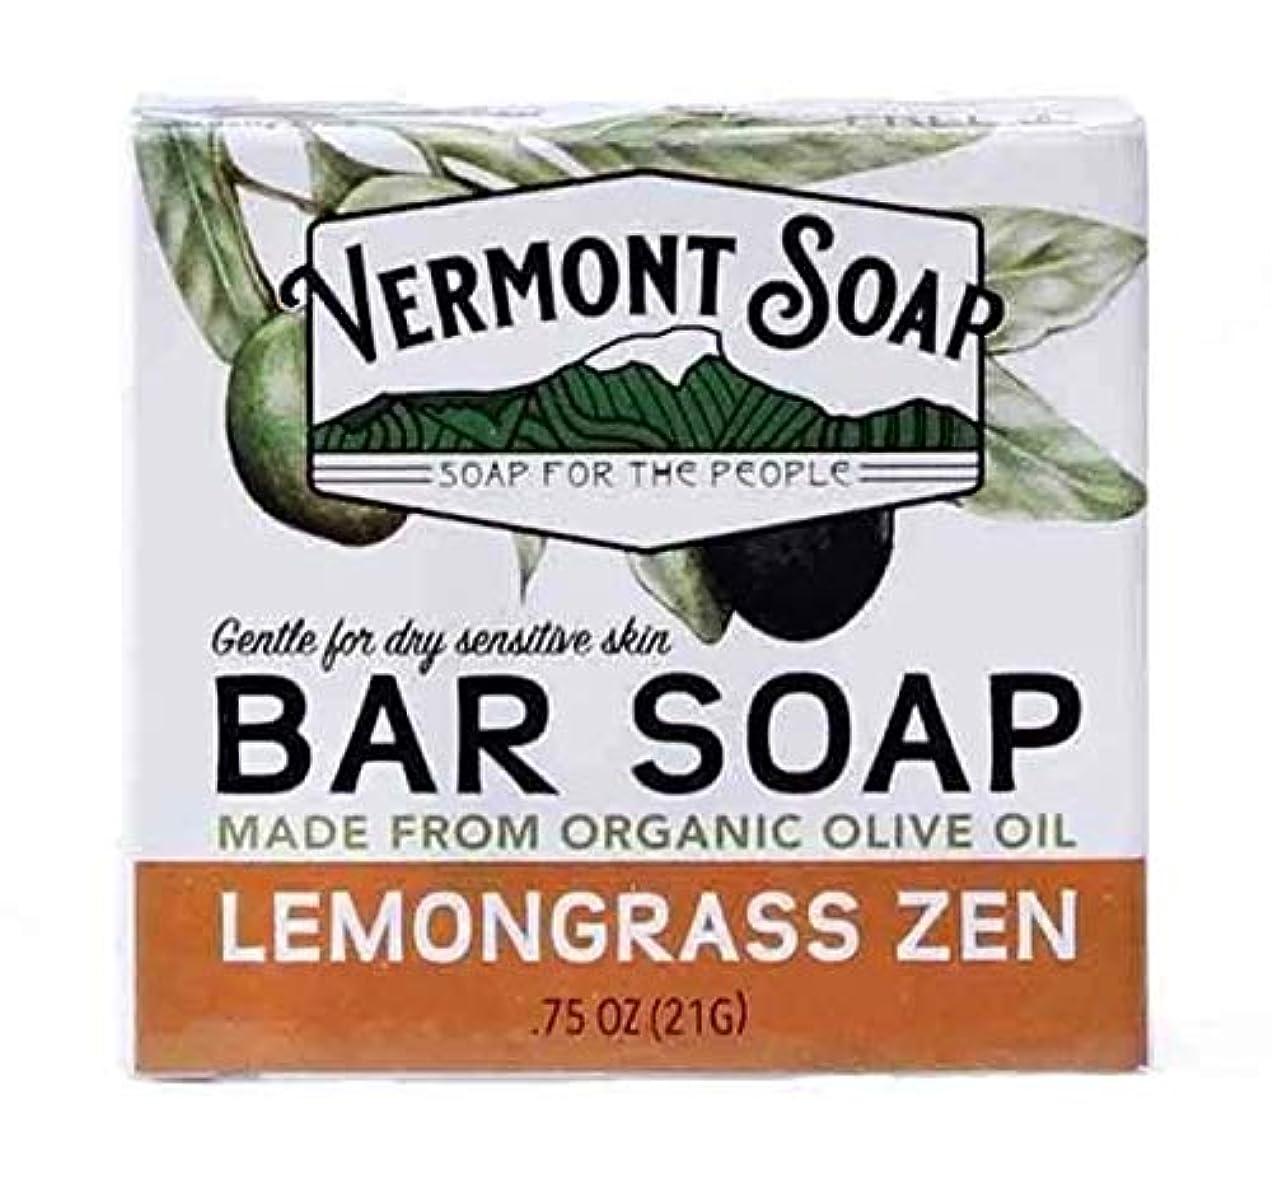 マニュアルノベルティたらいバーモントソープ トラベルサイズ (レモングラス) オーガニック石鹸 洗顔 21g